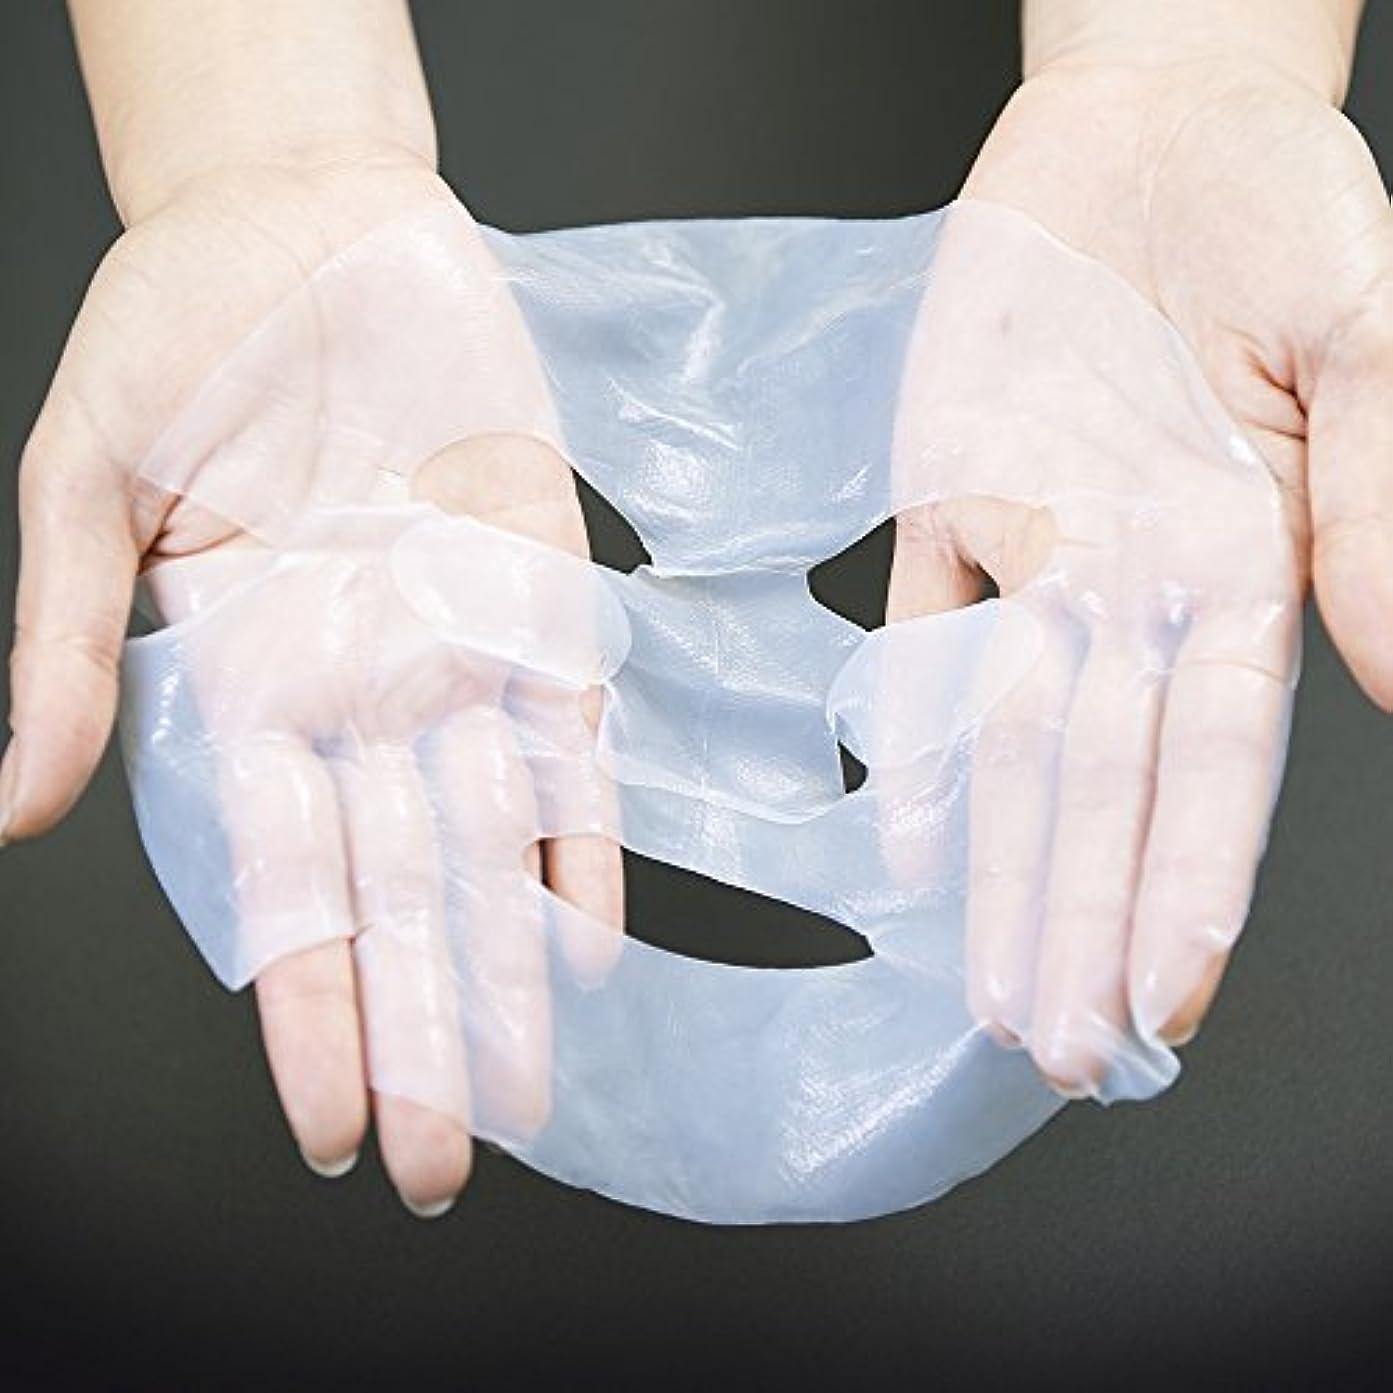 考える家バスヒト幹細胞化粧品 ディアガイア フェイスパック 5枚セット